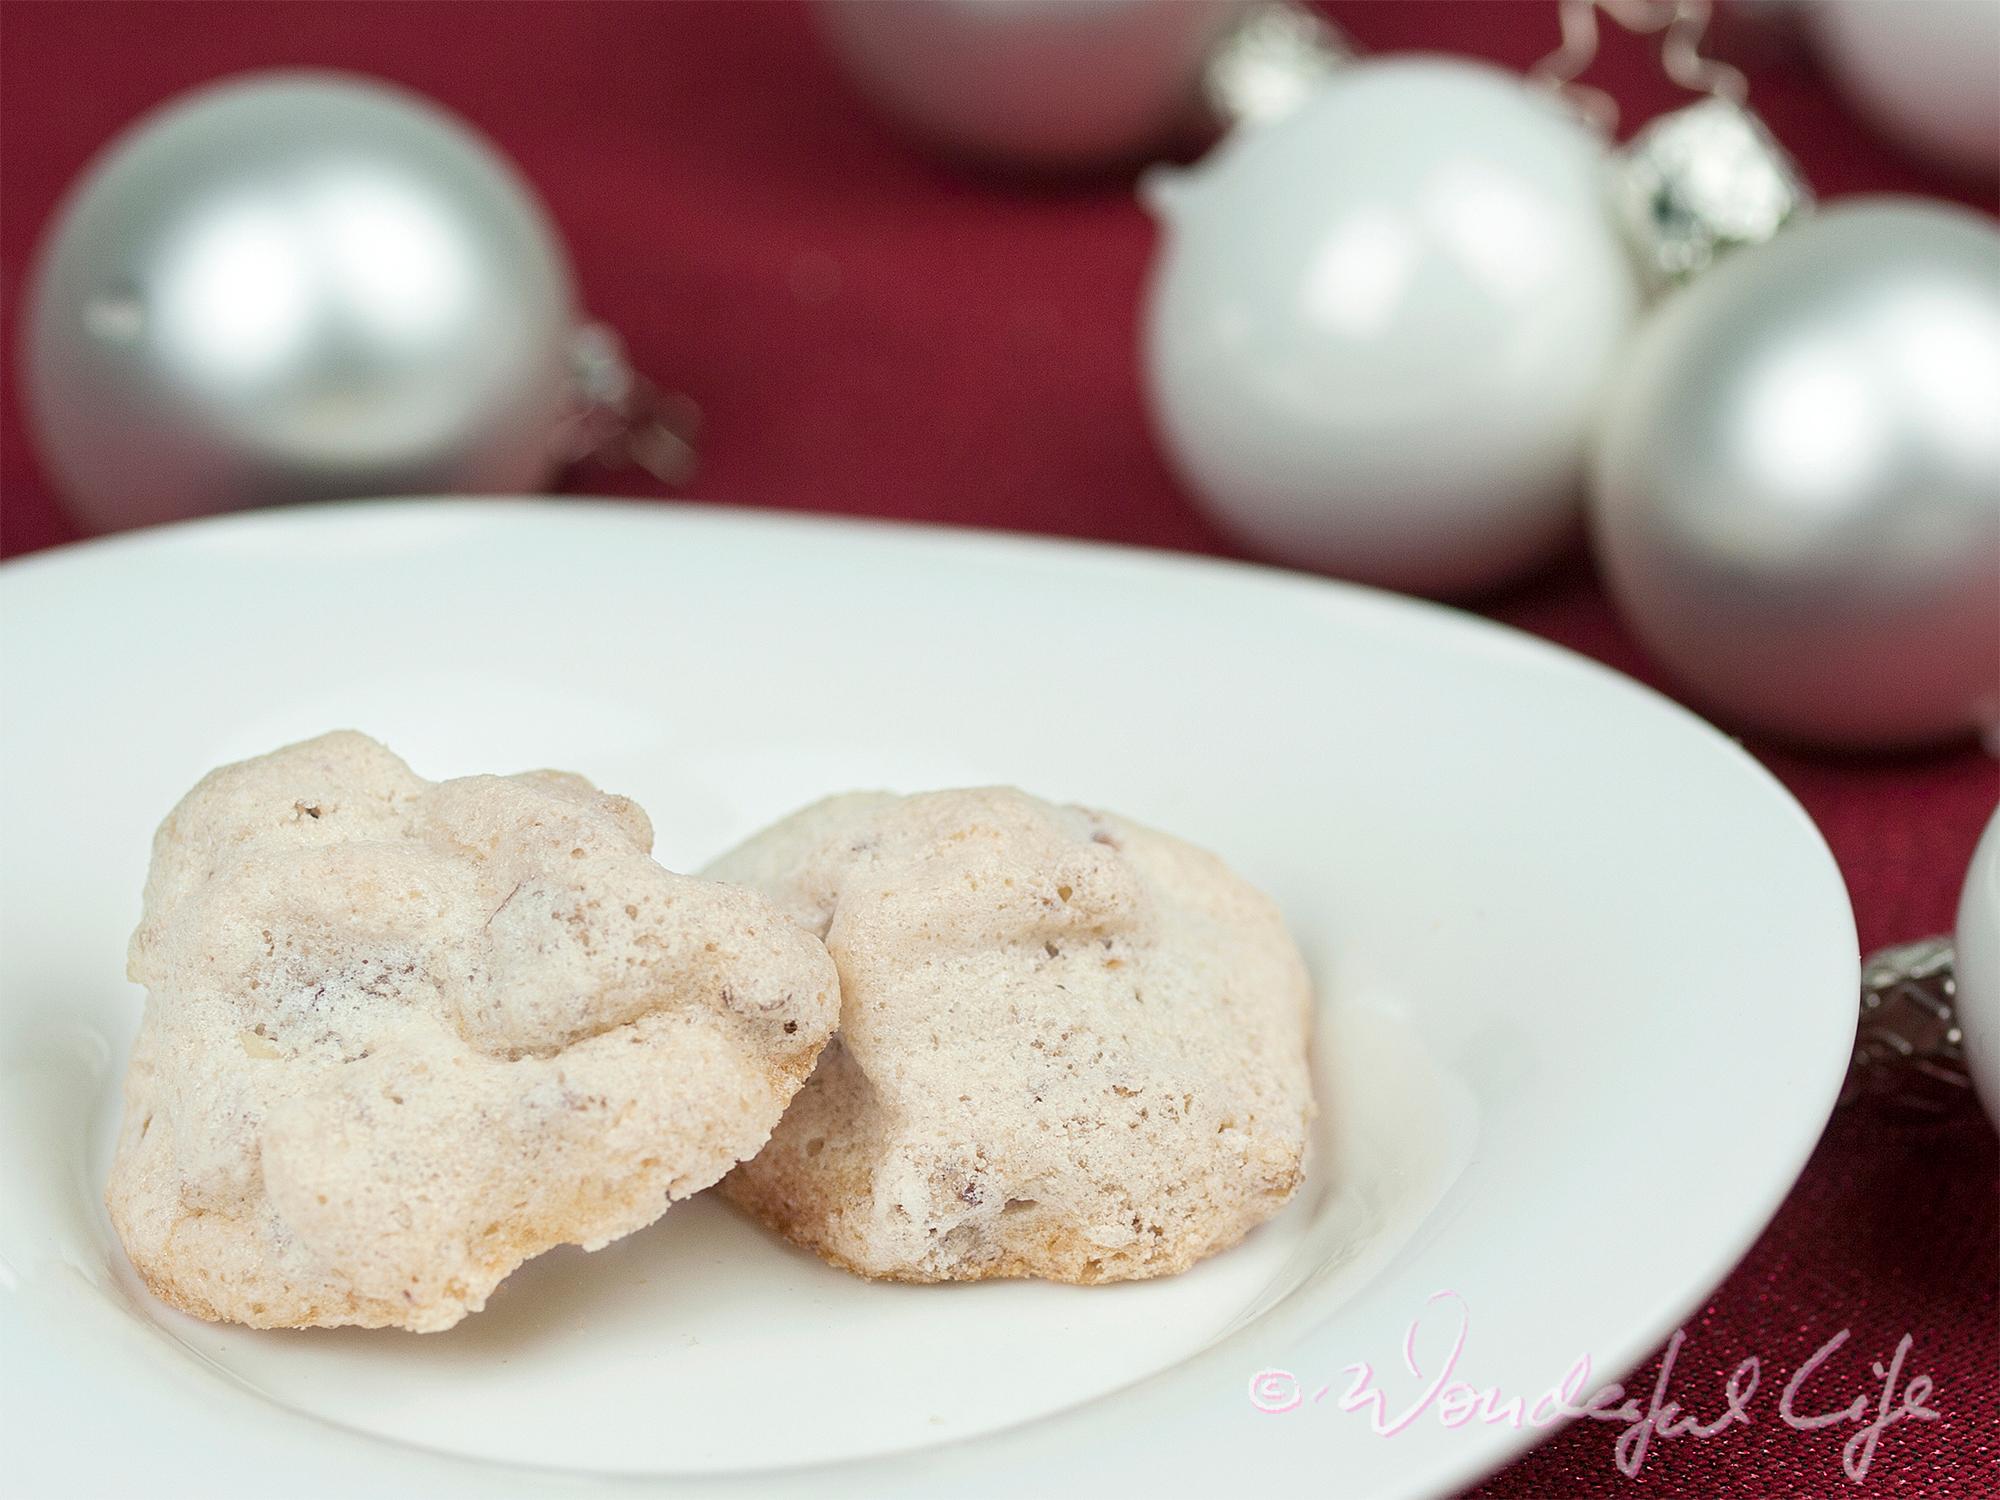 Süße Walnuss-Wölkchen zur Weihnachtszeit – Wonderful Life